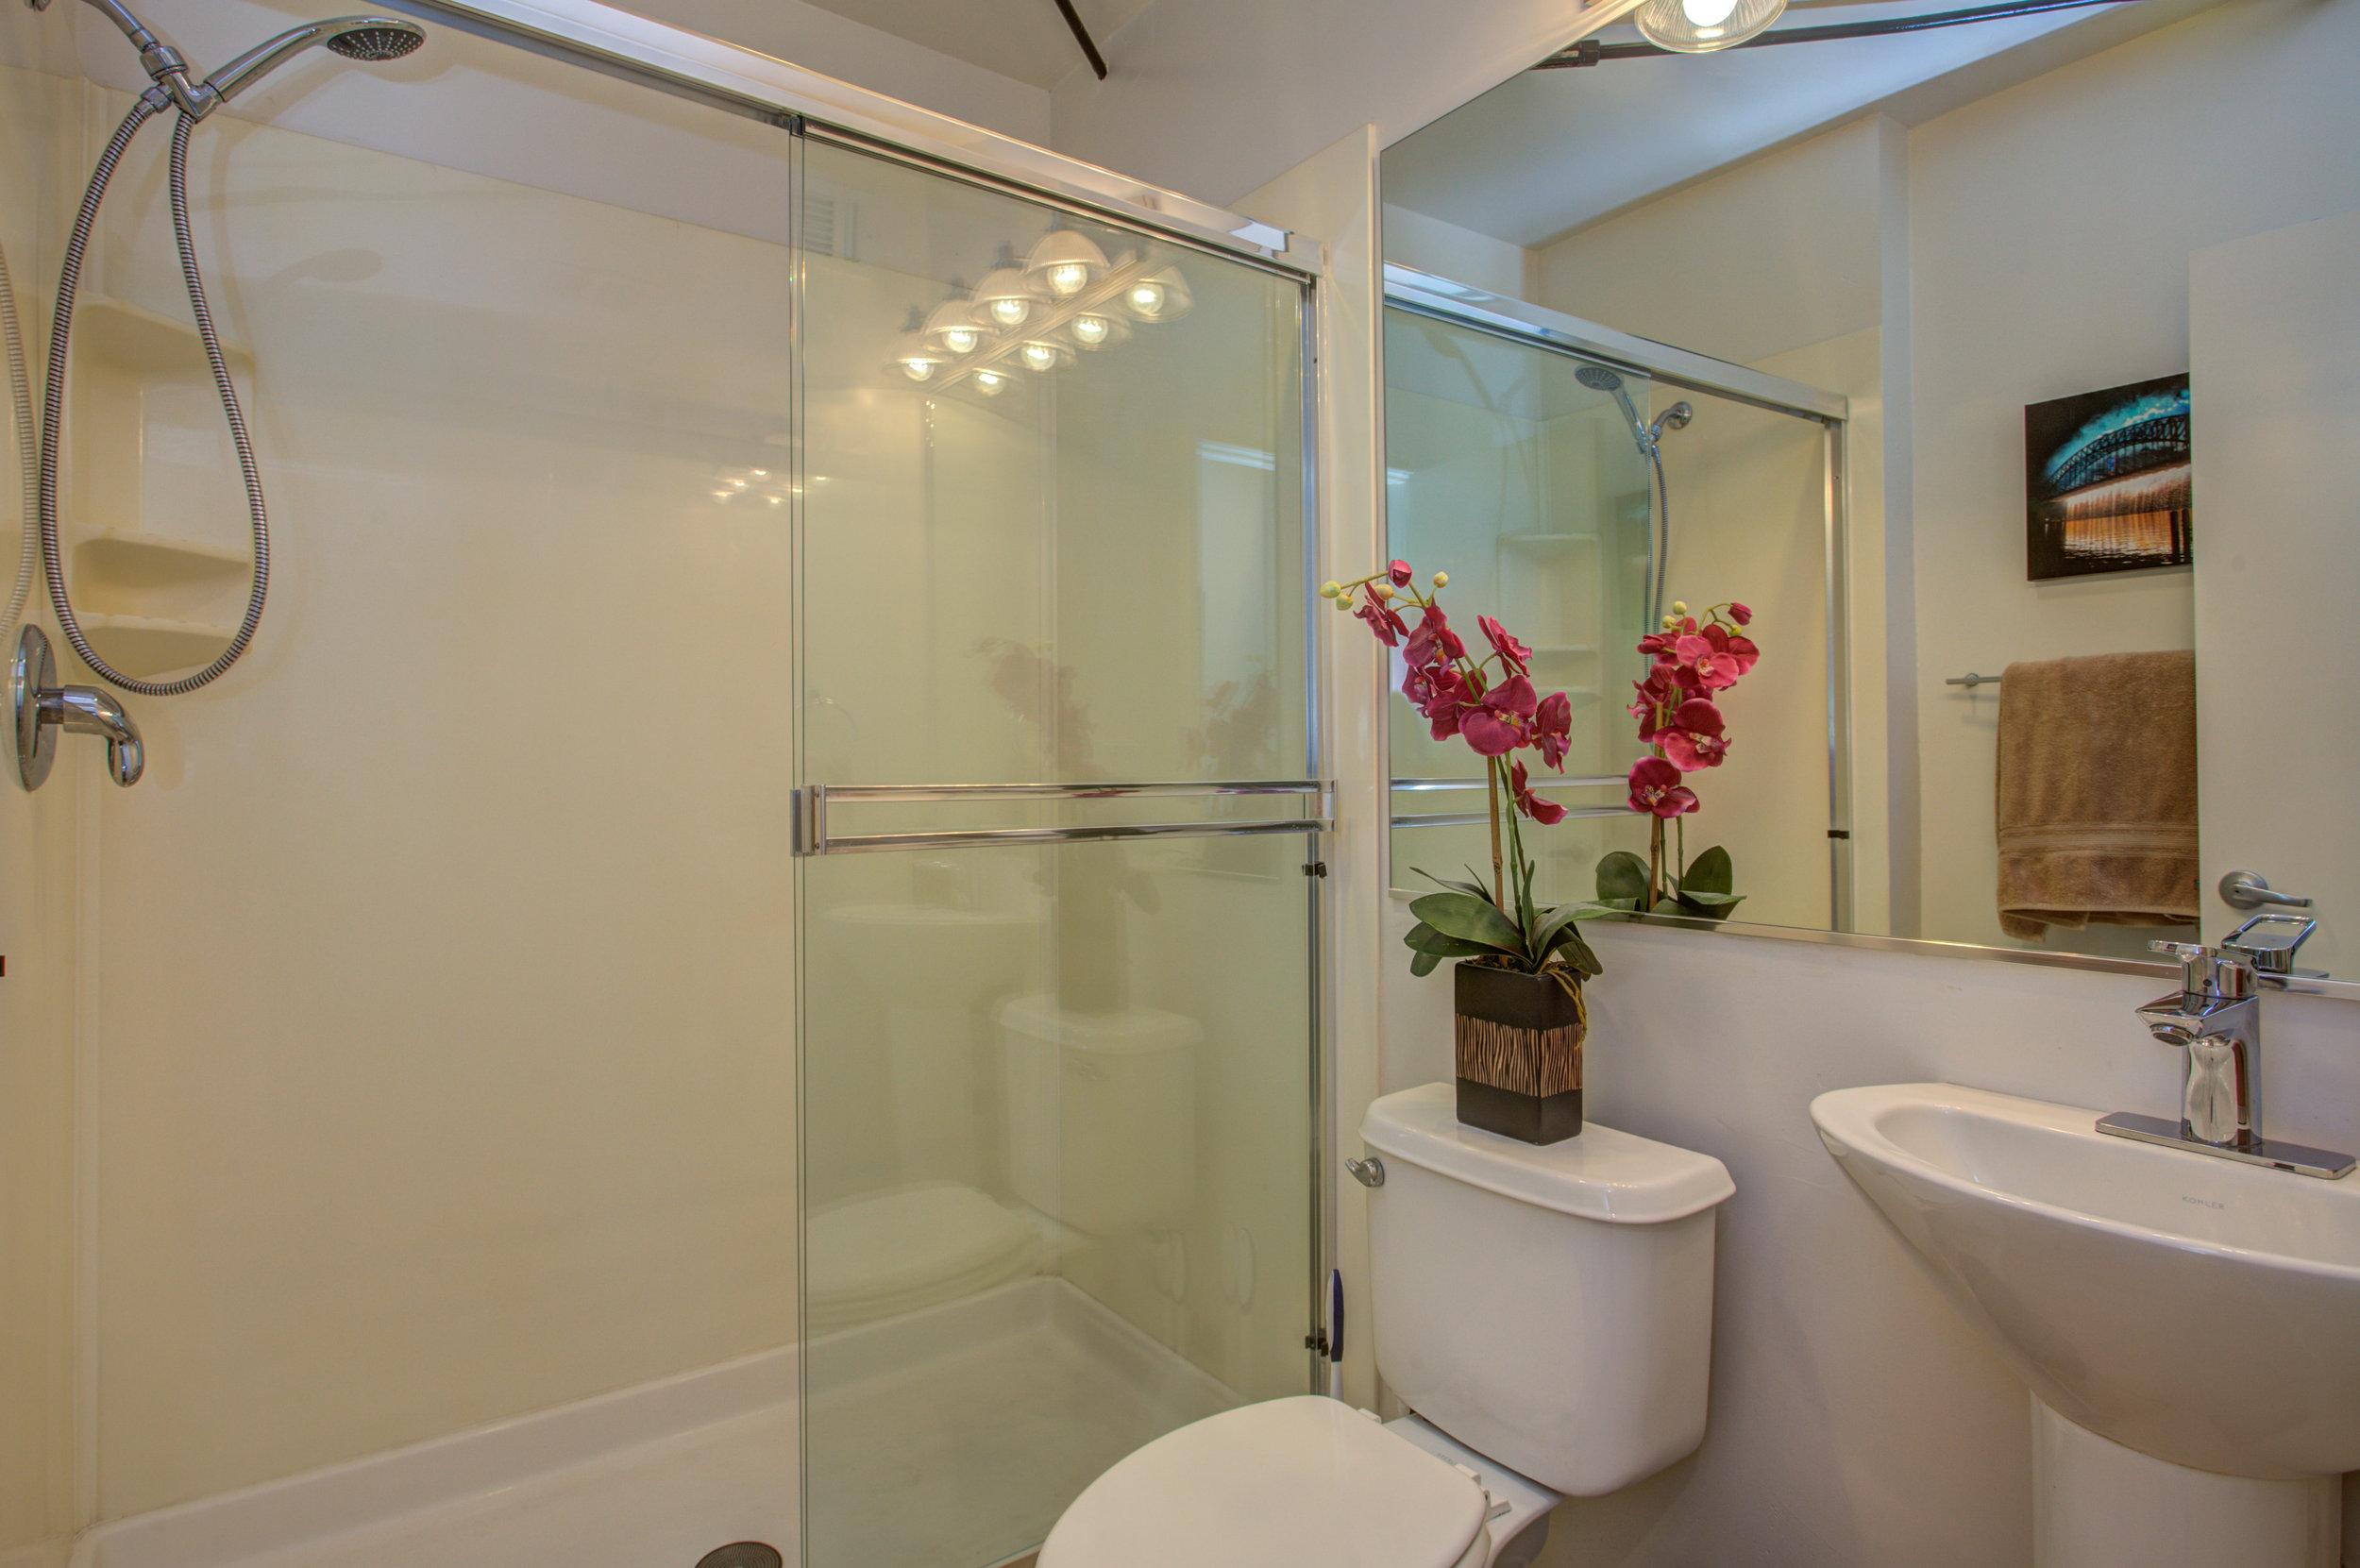 582_manzana_place_MLS_HID1169117_ROOMfullbathroom.jpg